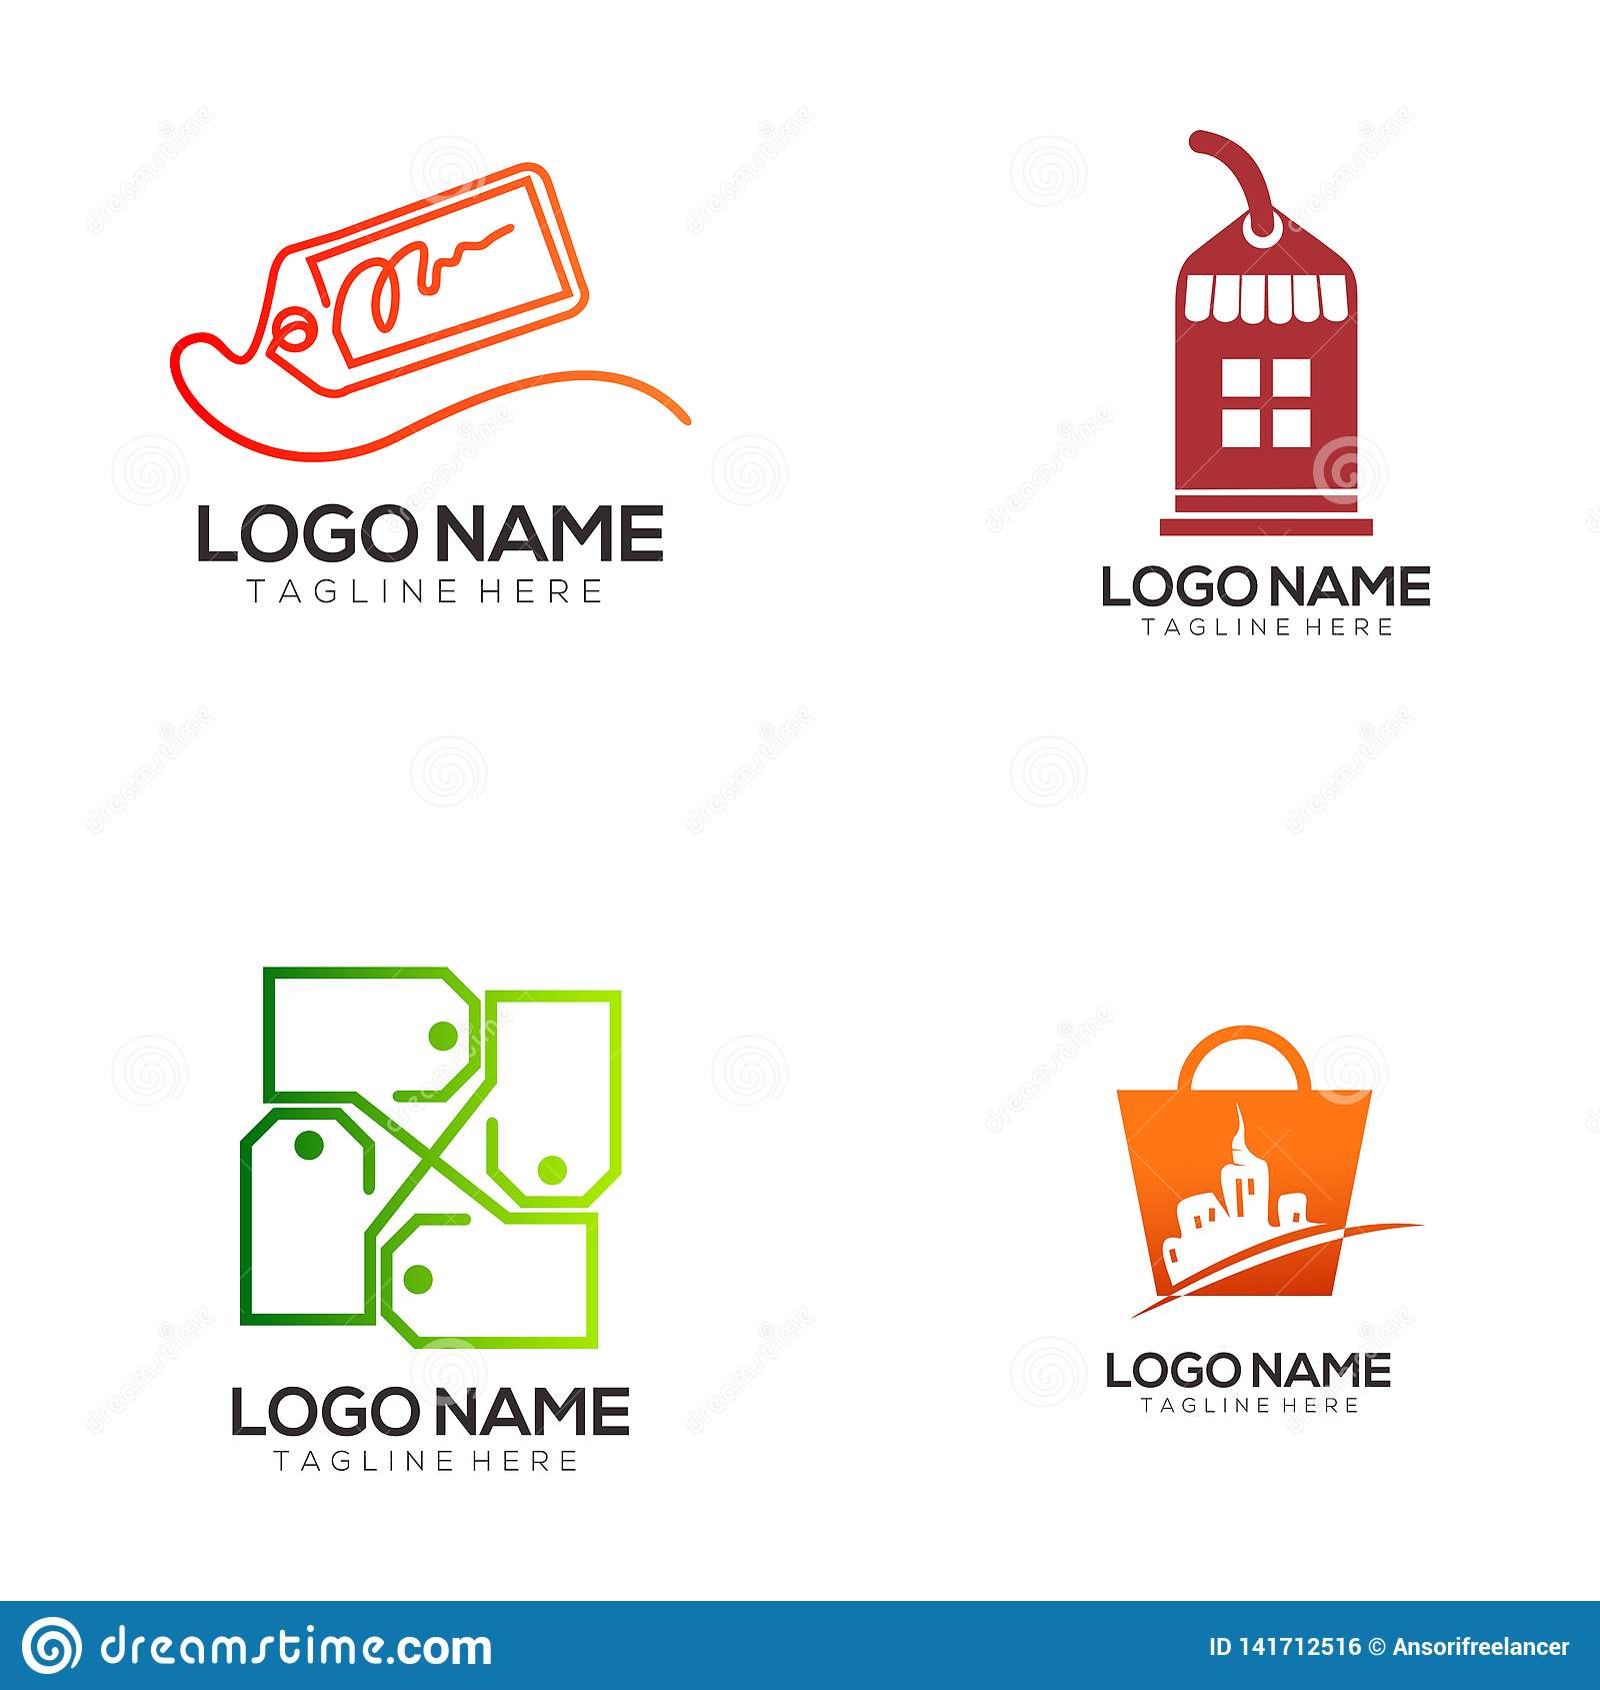 Återförsäljnings- och shoppa den logodesign och symbolen